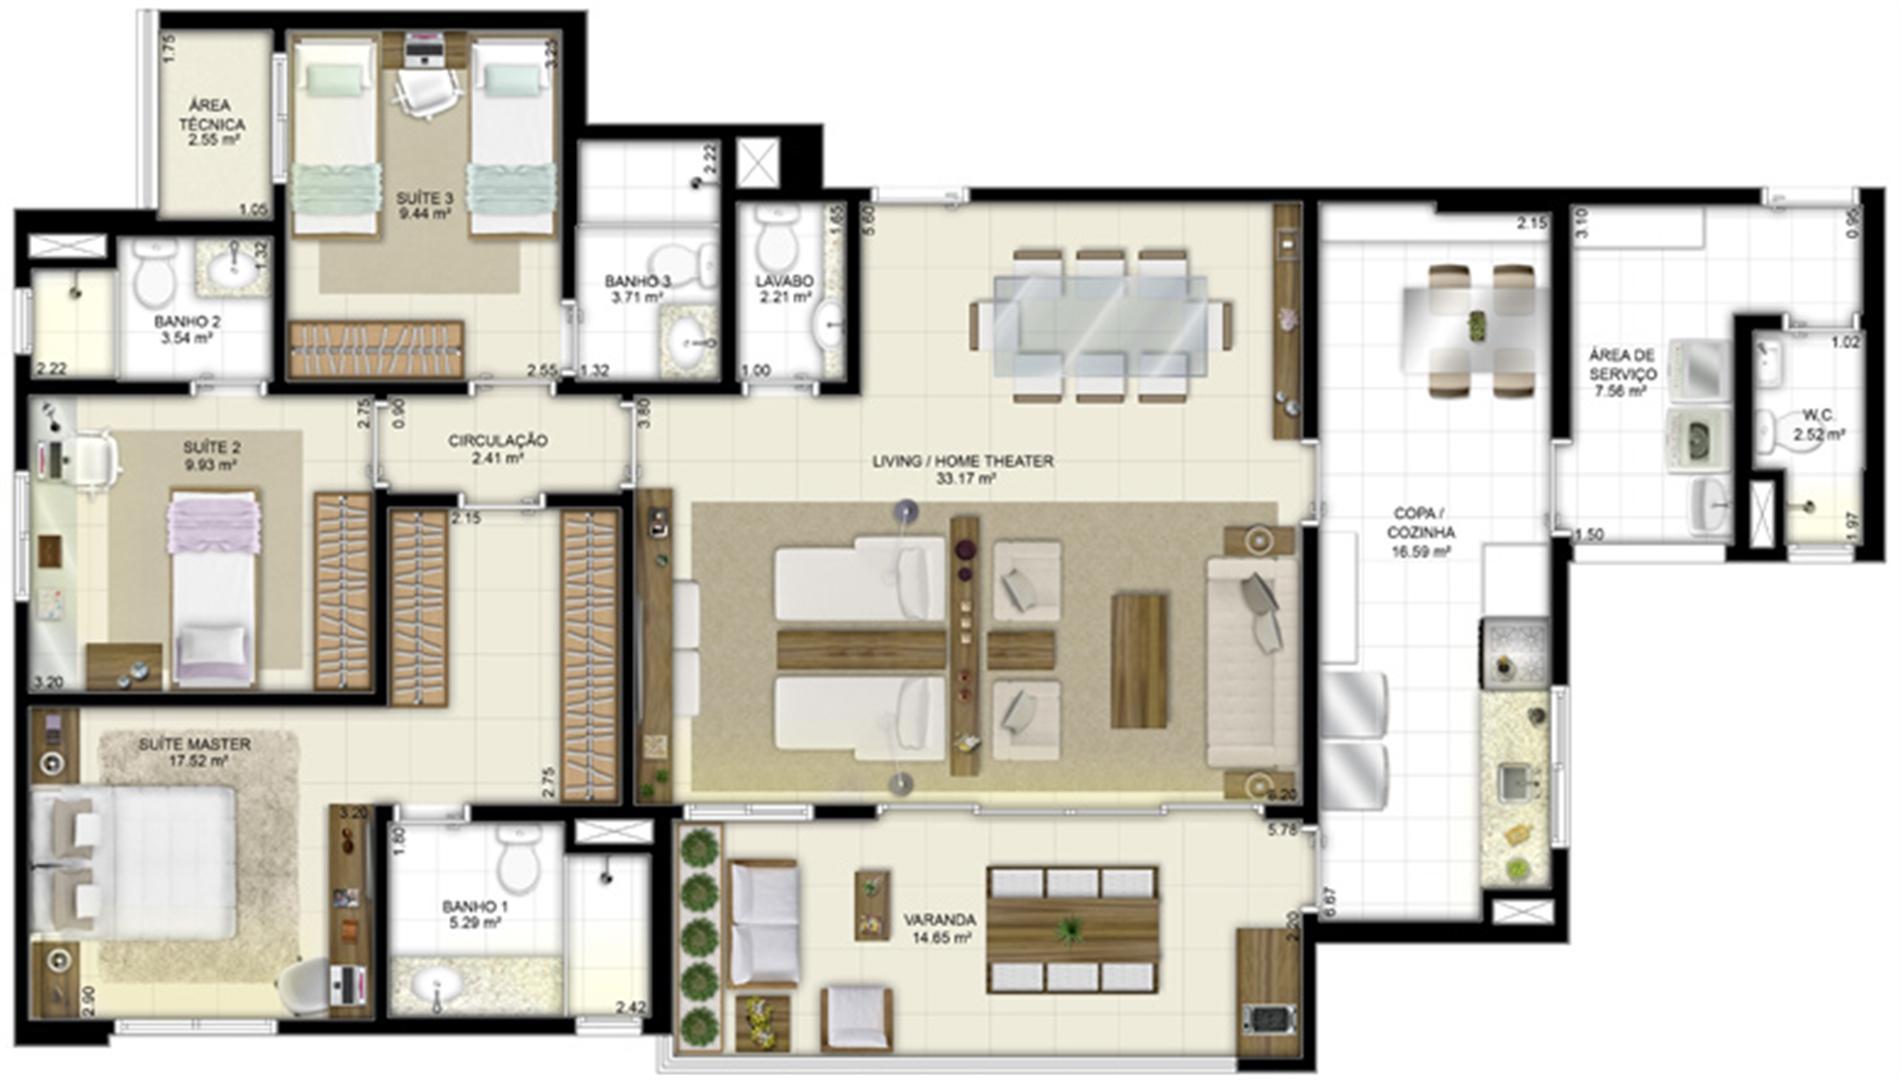 Planta - Tipo - 3 suítes (living ampliado e cozinha ampliada) - 131 m² | Jardim de Vêneto – Apartamento em  Altos do Calhau - São Luís - Maranhão